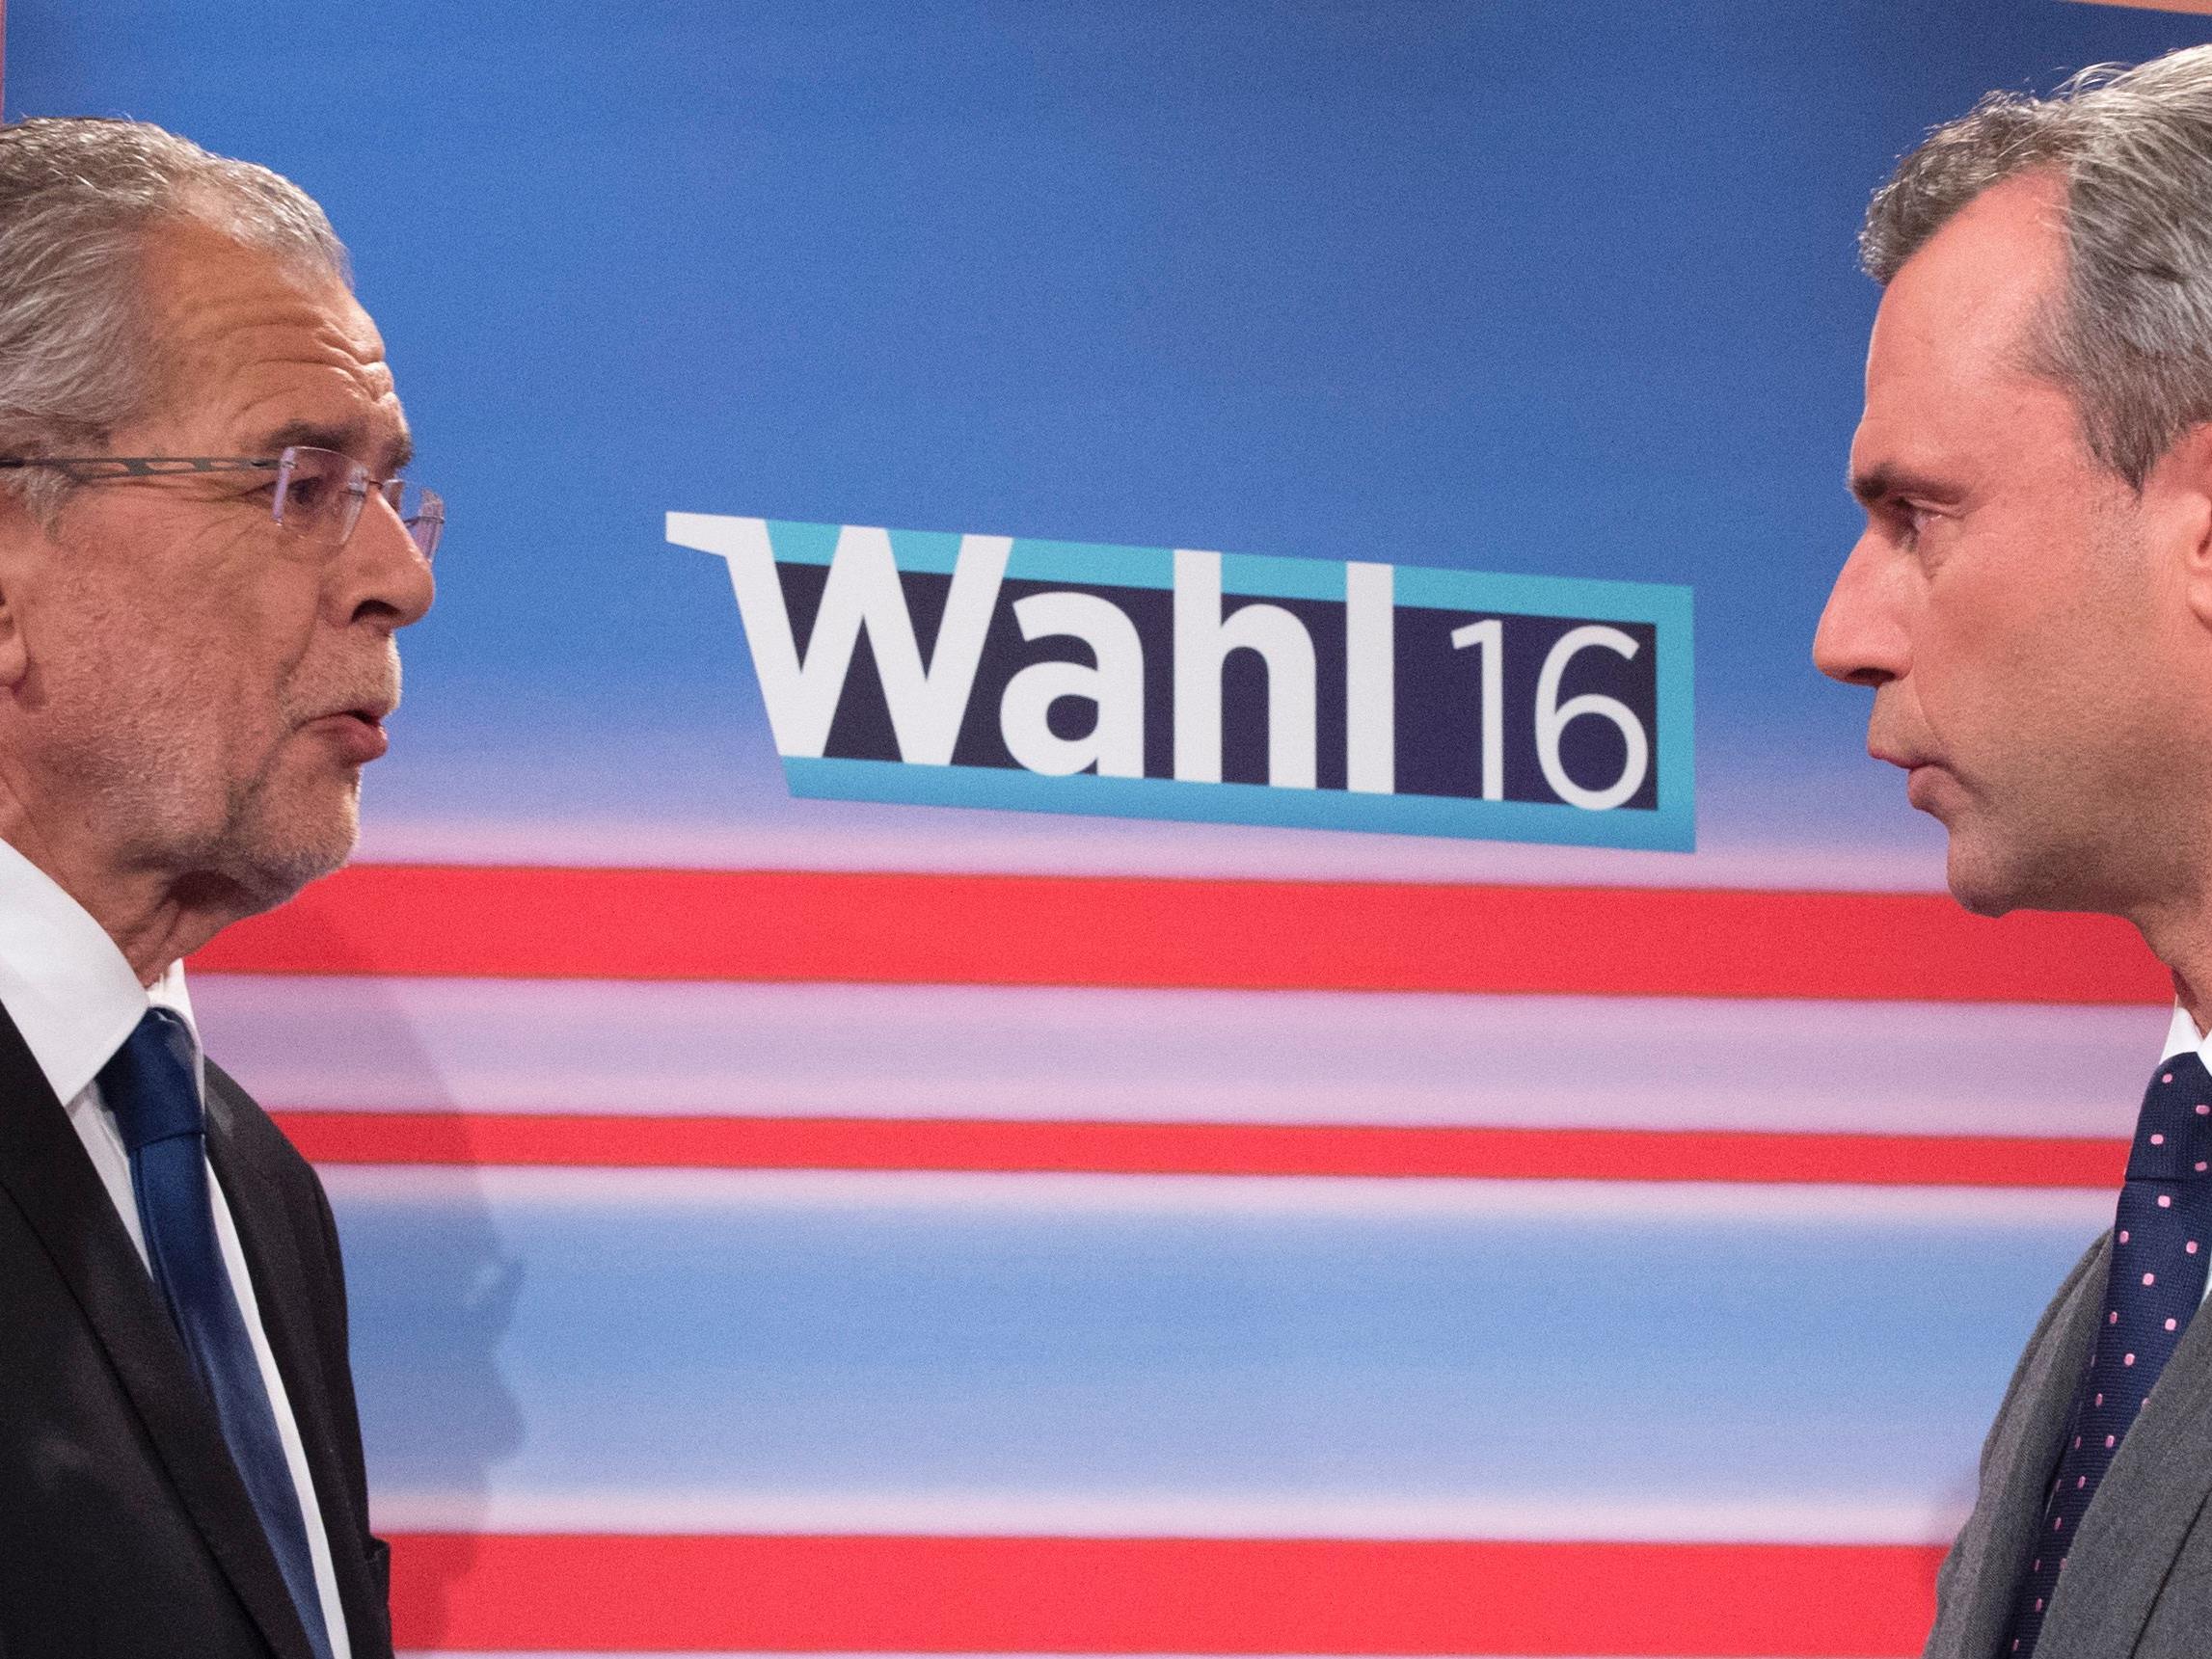 Die zweite Runde des Bundespräsidentschaftswahlkampfes wird ohne Fairnessabkommen geführt.